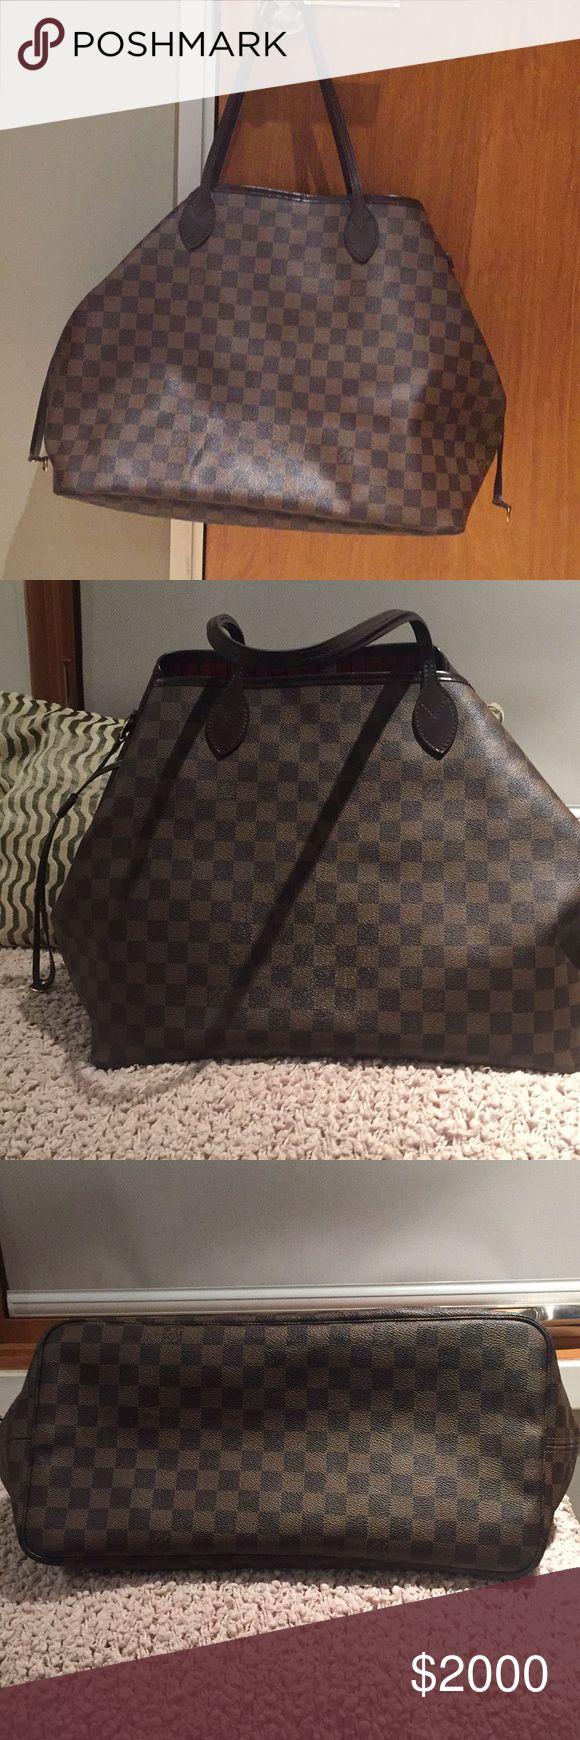 7953aa80d9ed Louis Vuitton Neverfull GM tote bag Authentic legendary Damier Ebene Canvas Louis  Vuitton tote bag.